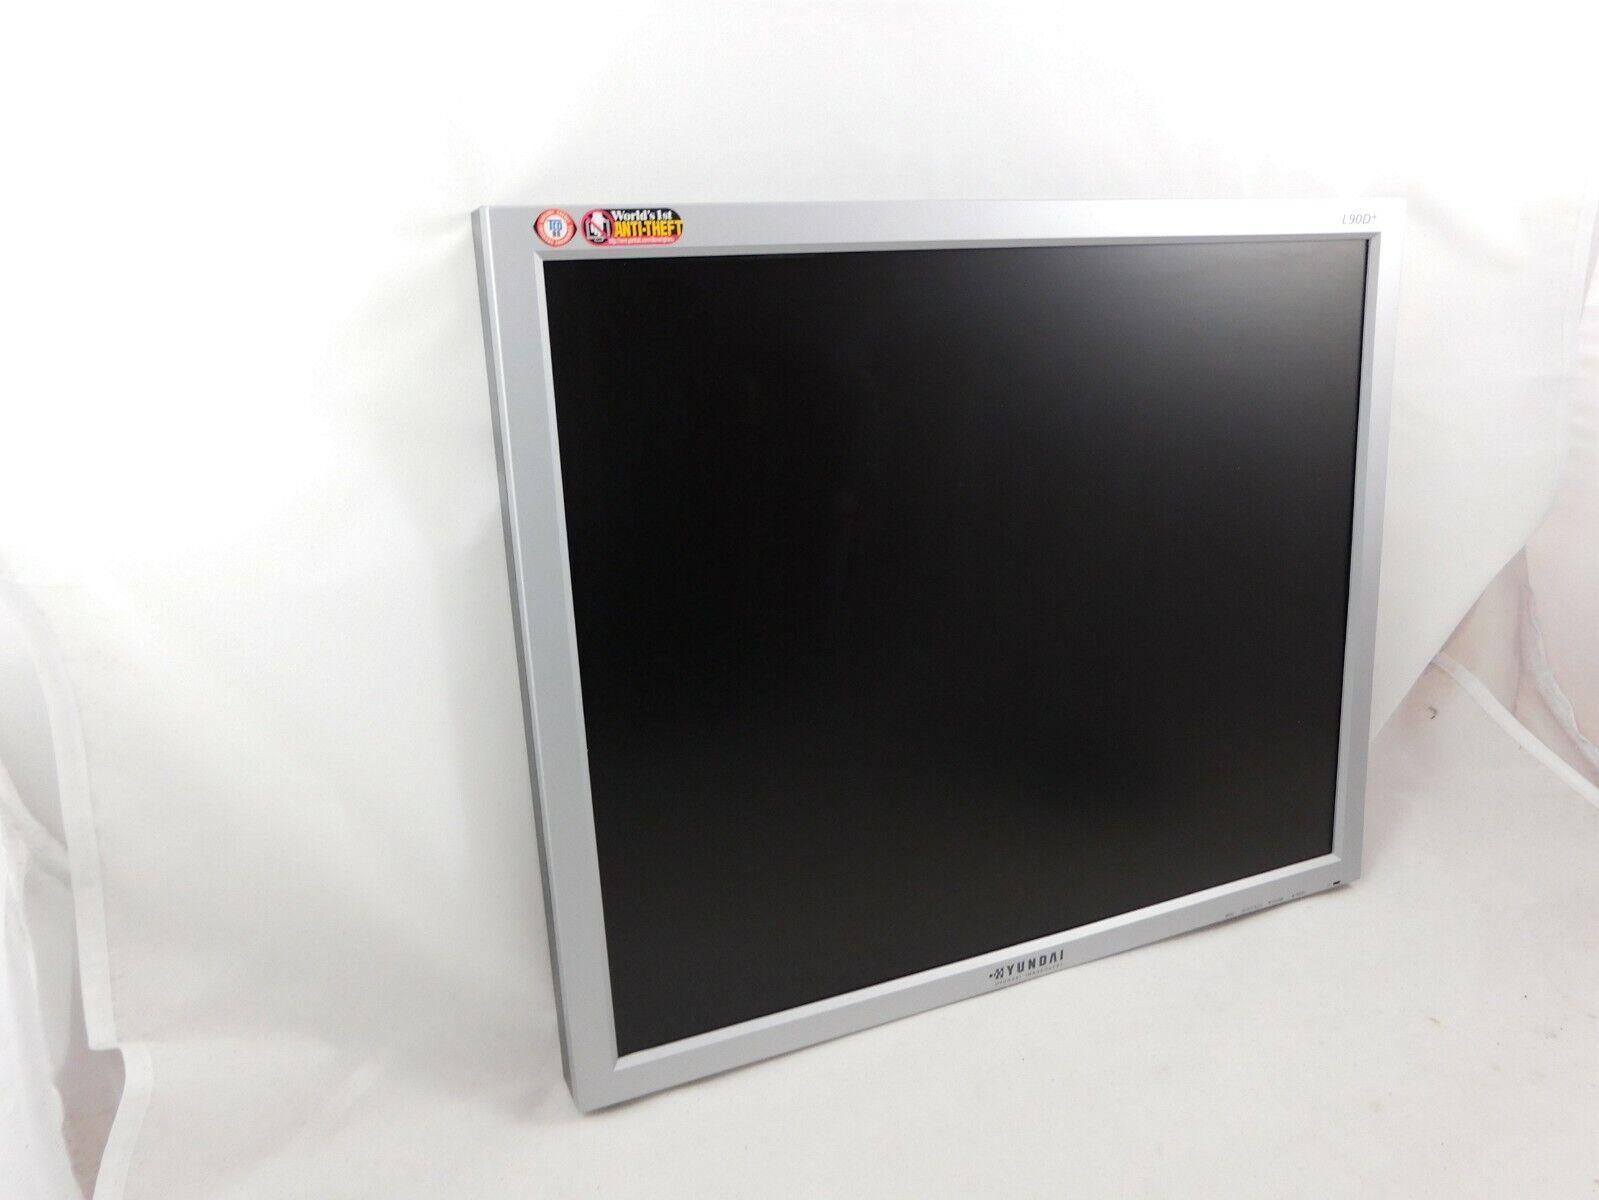 Hyundai L90D 48,3 cm (19 Zoll) Monitor Bildschirm 500:1, VGA DVI ohne Ständer